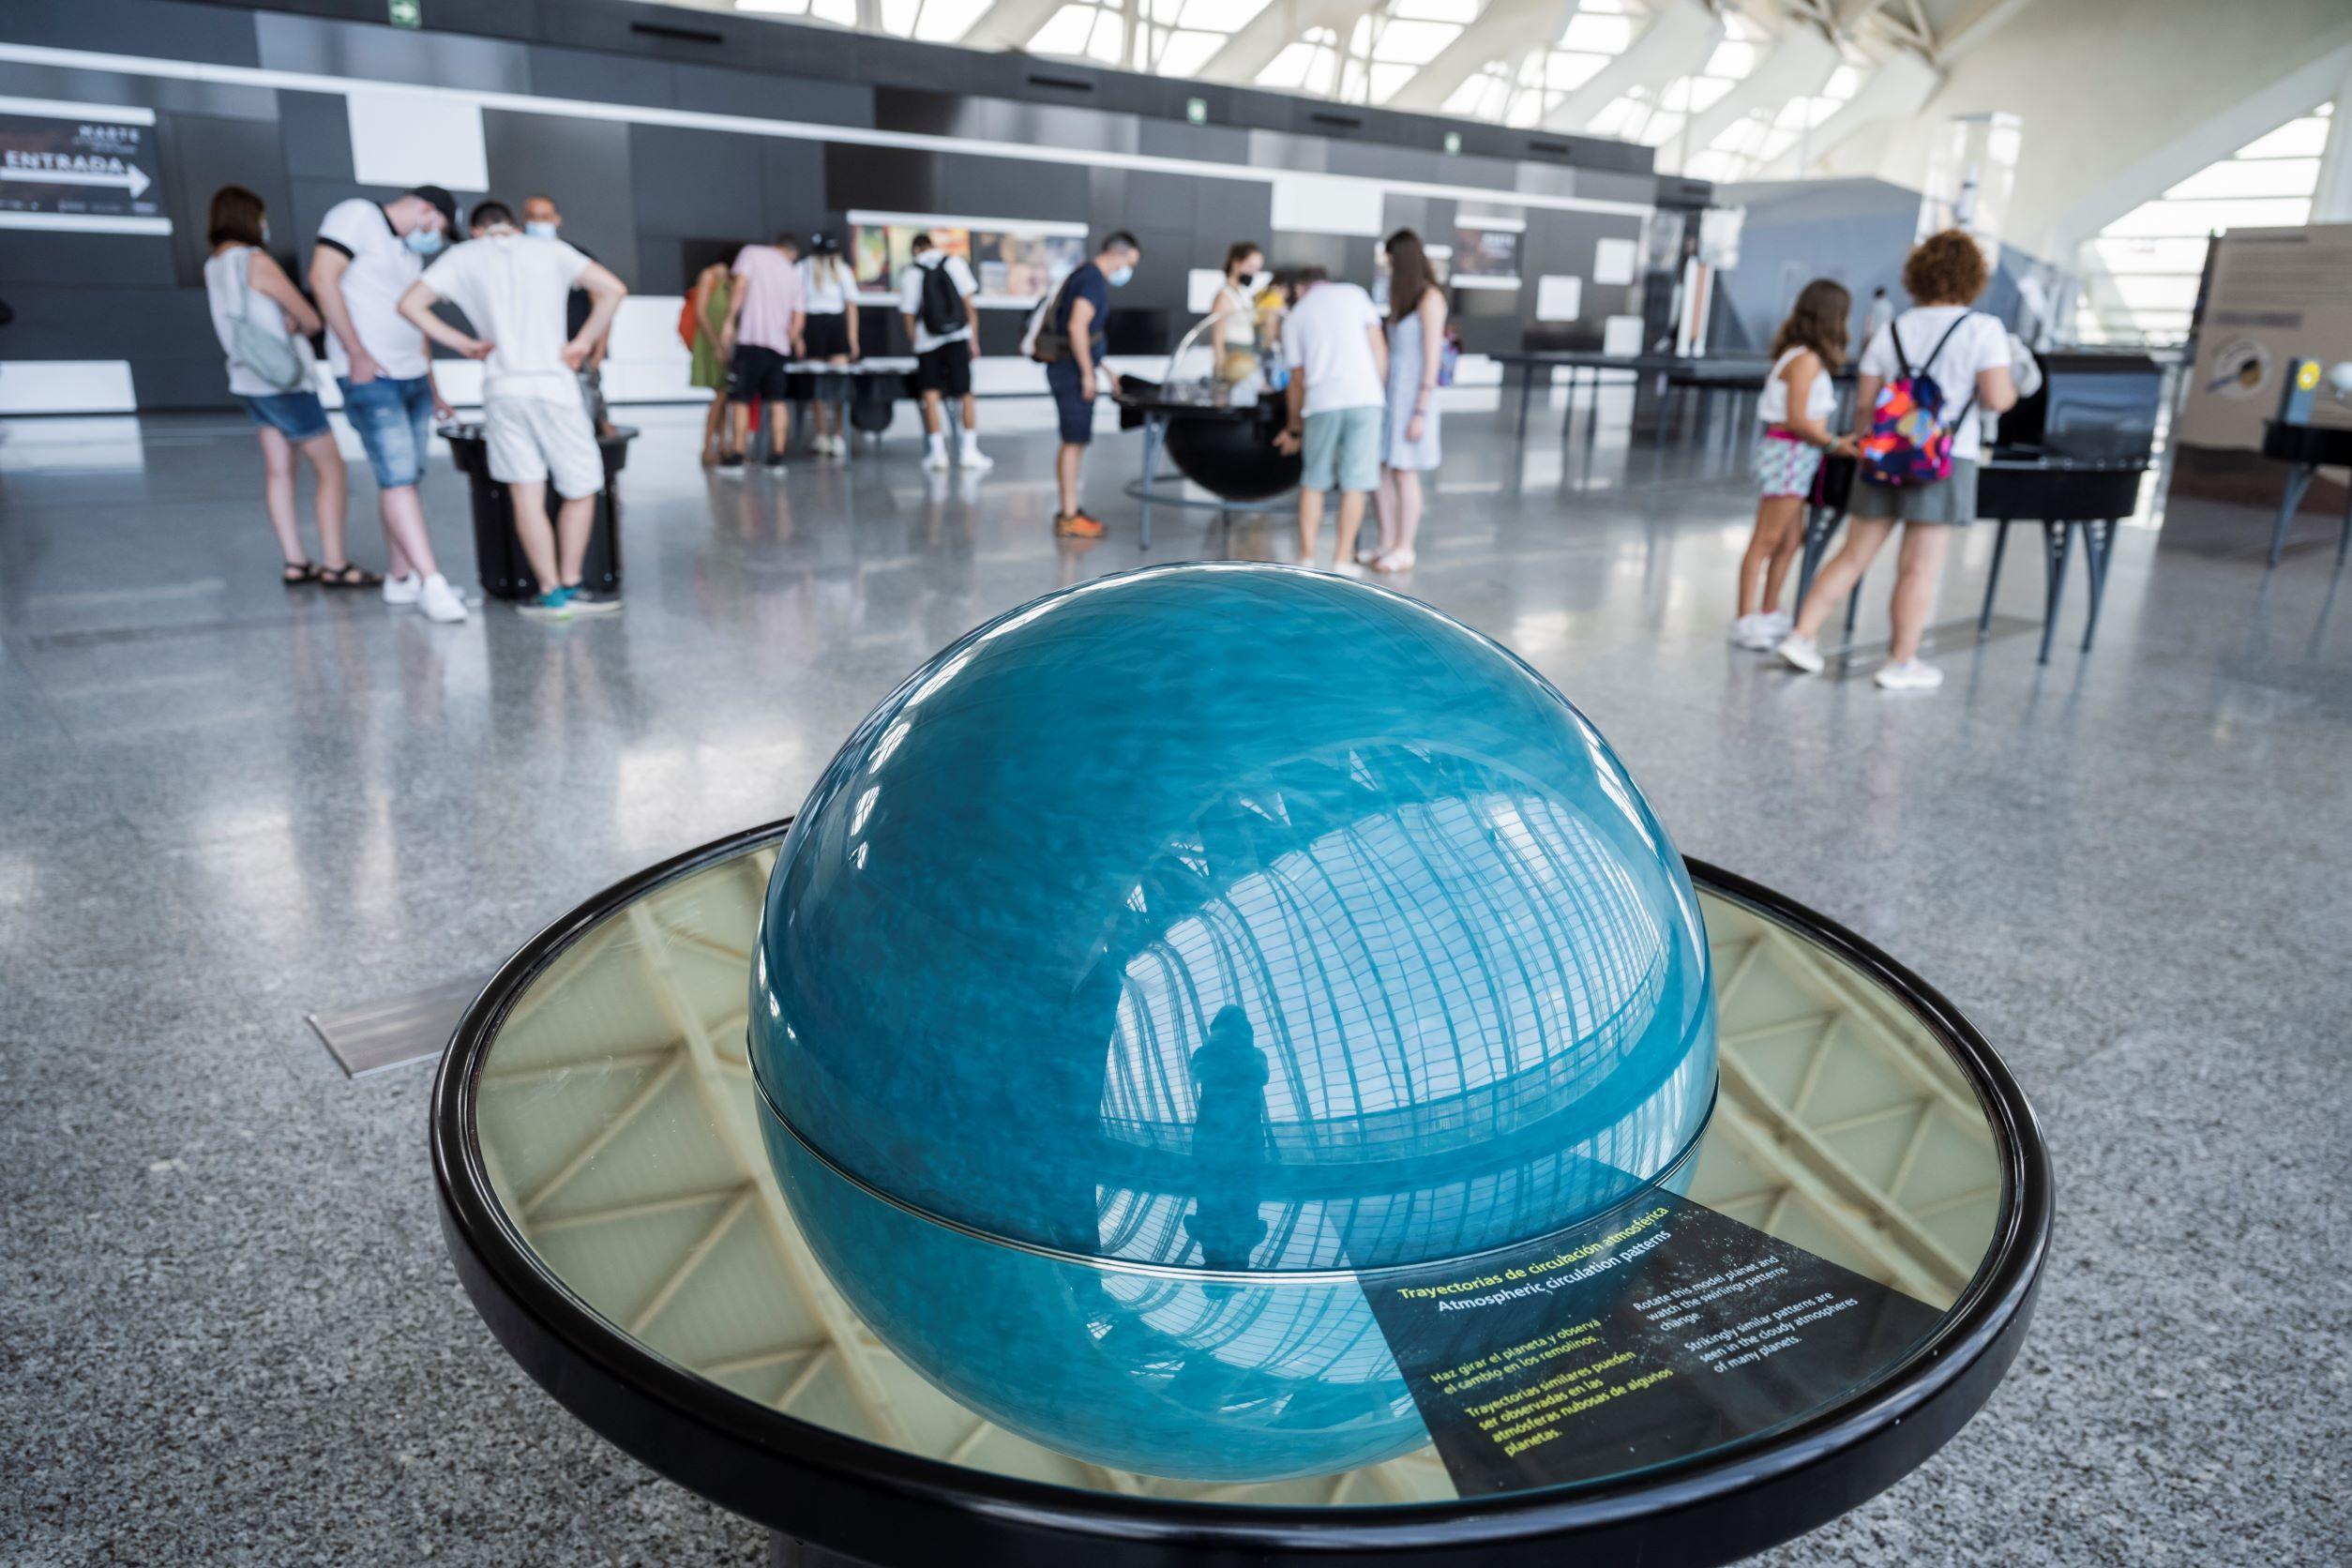 La Ciutat de les Arts i les Ciències roza las 50.000 entradas vendidas en el Puente del Pilar